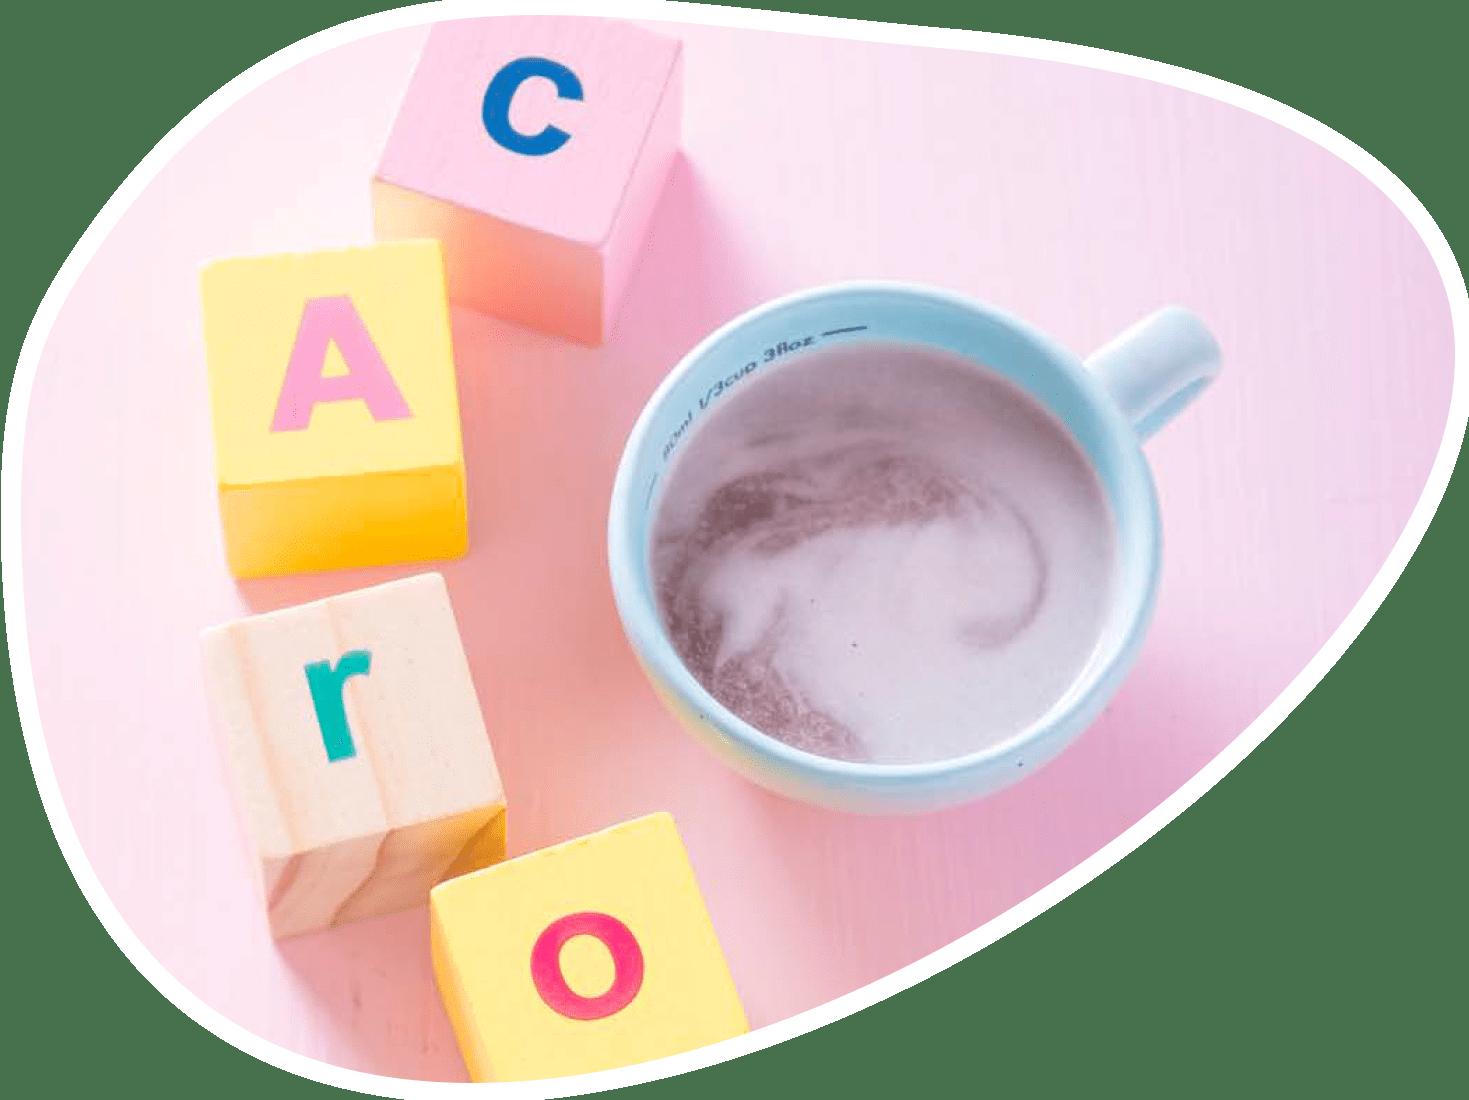 Recette lait caroube cardamome | Bébé M